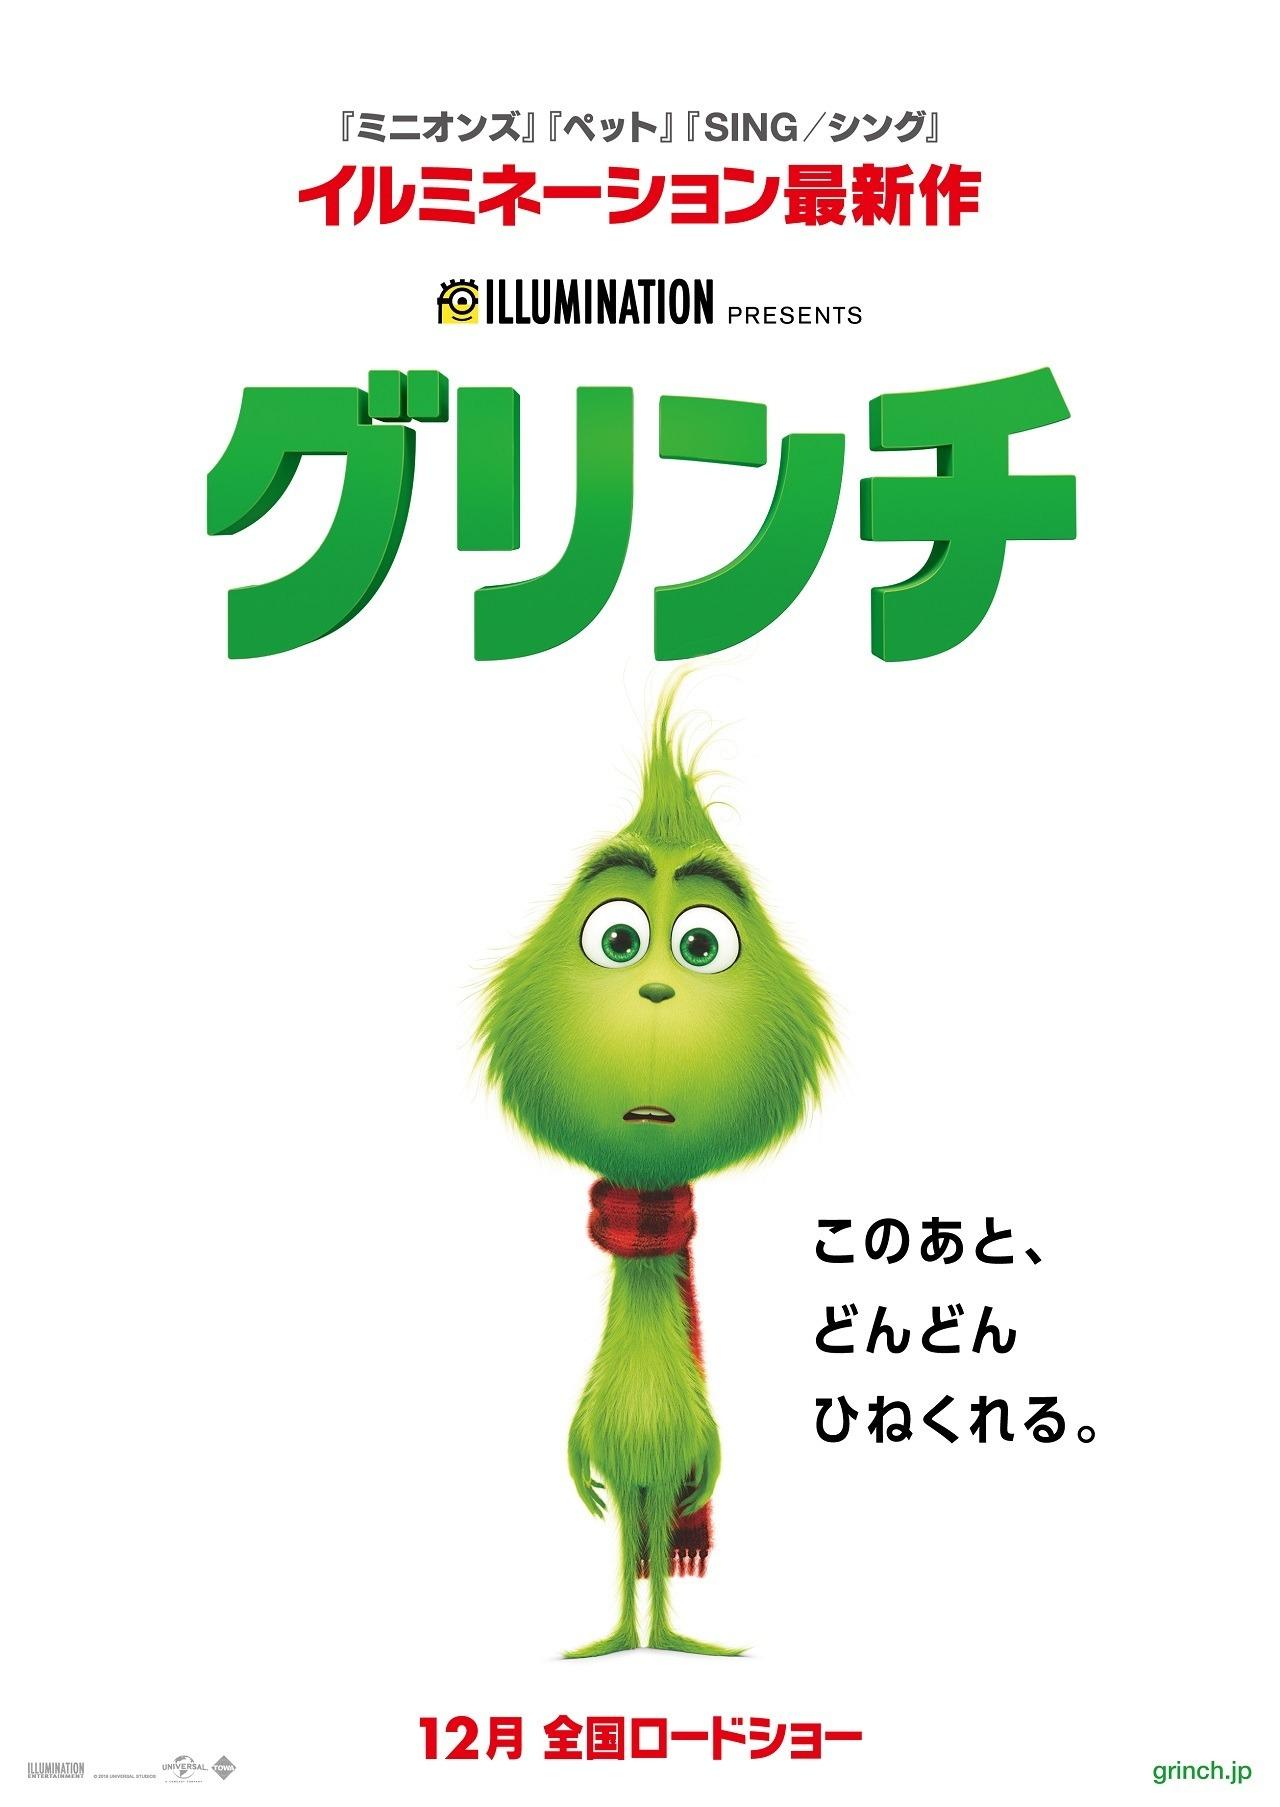 ミニオンズのスタジオ最新作 グリンチ 12月公開 ボブとグリンチが